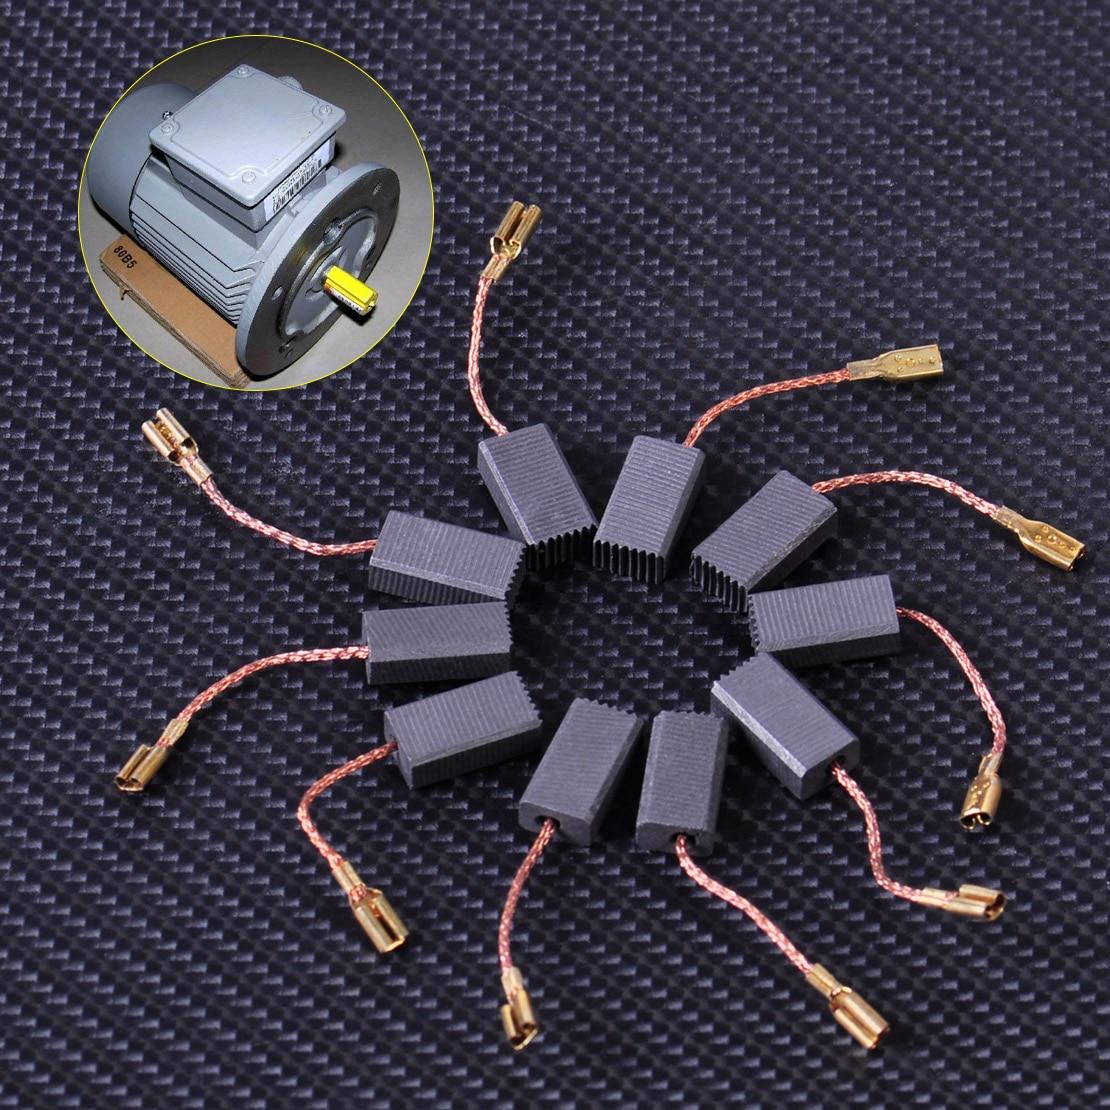 LETAOSK New 10pcs Carbon Brushes Replacement fit for BOSCH GWS 580 GWS 850 C GWS 7-115 GWS 8-125 GWS 9-150CS GWS6-100 D11 gws 9 125